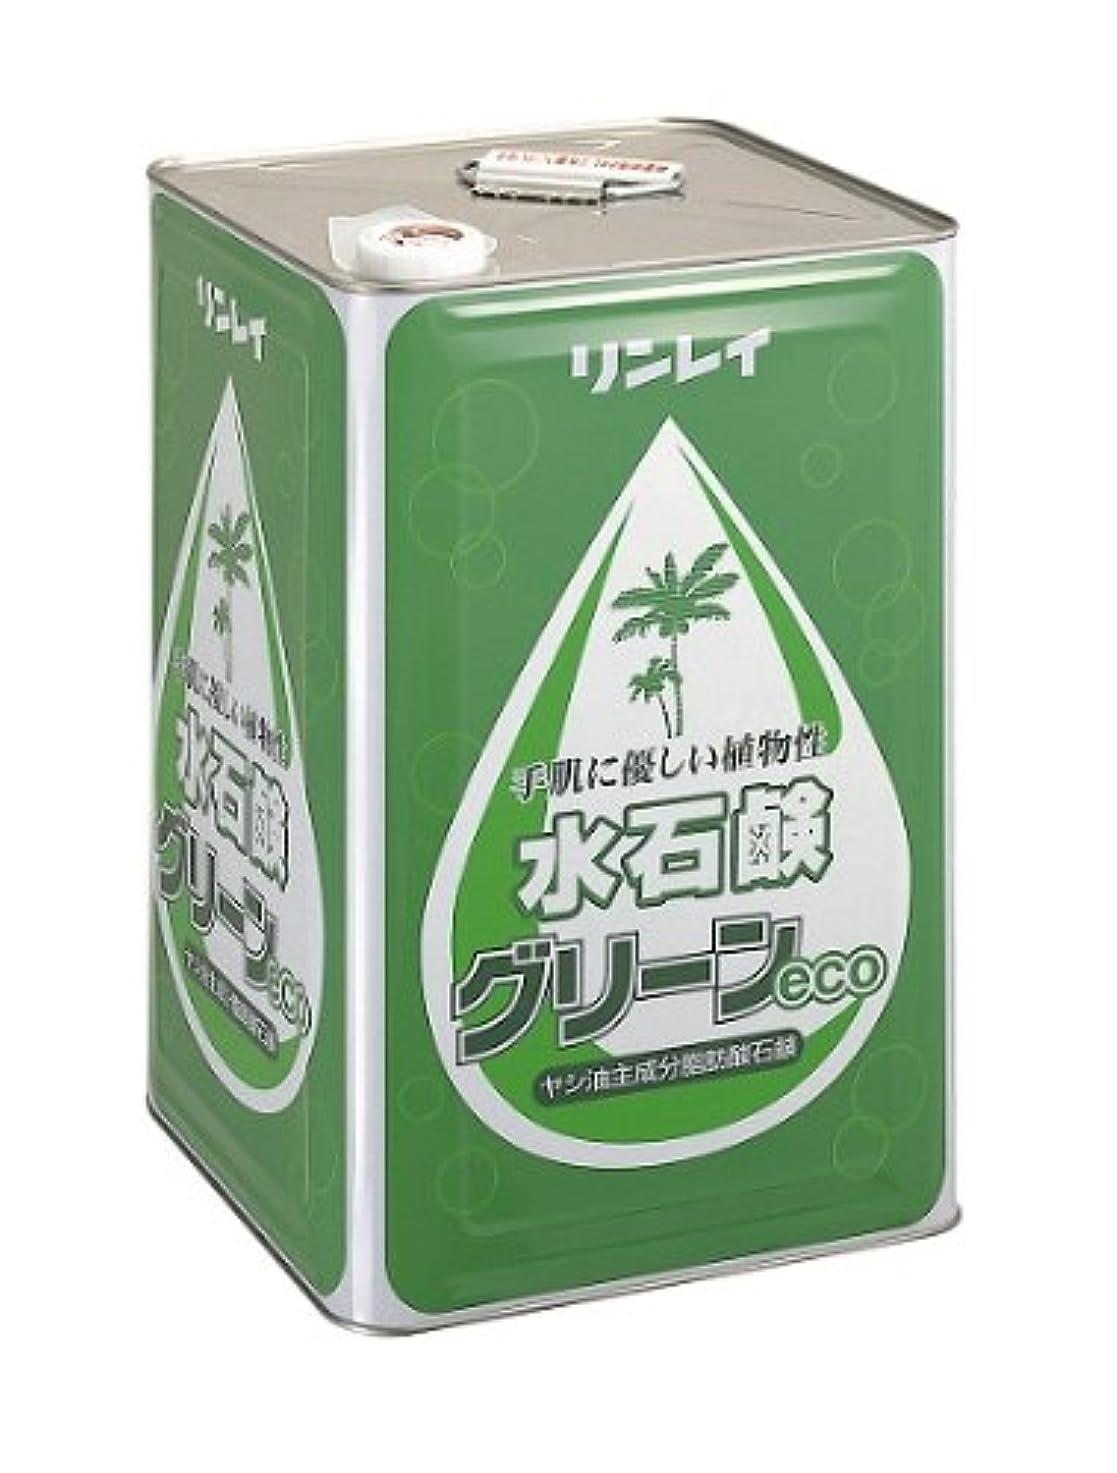 近々豪華なマッシュリンレイ 水石鹸グリーンeco 18L 5缶セット